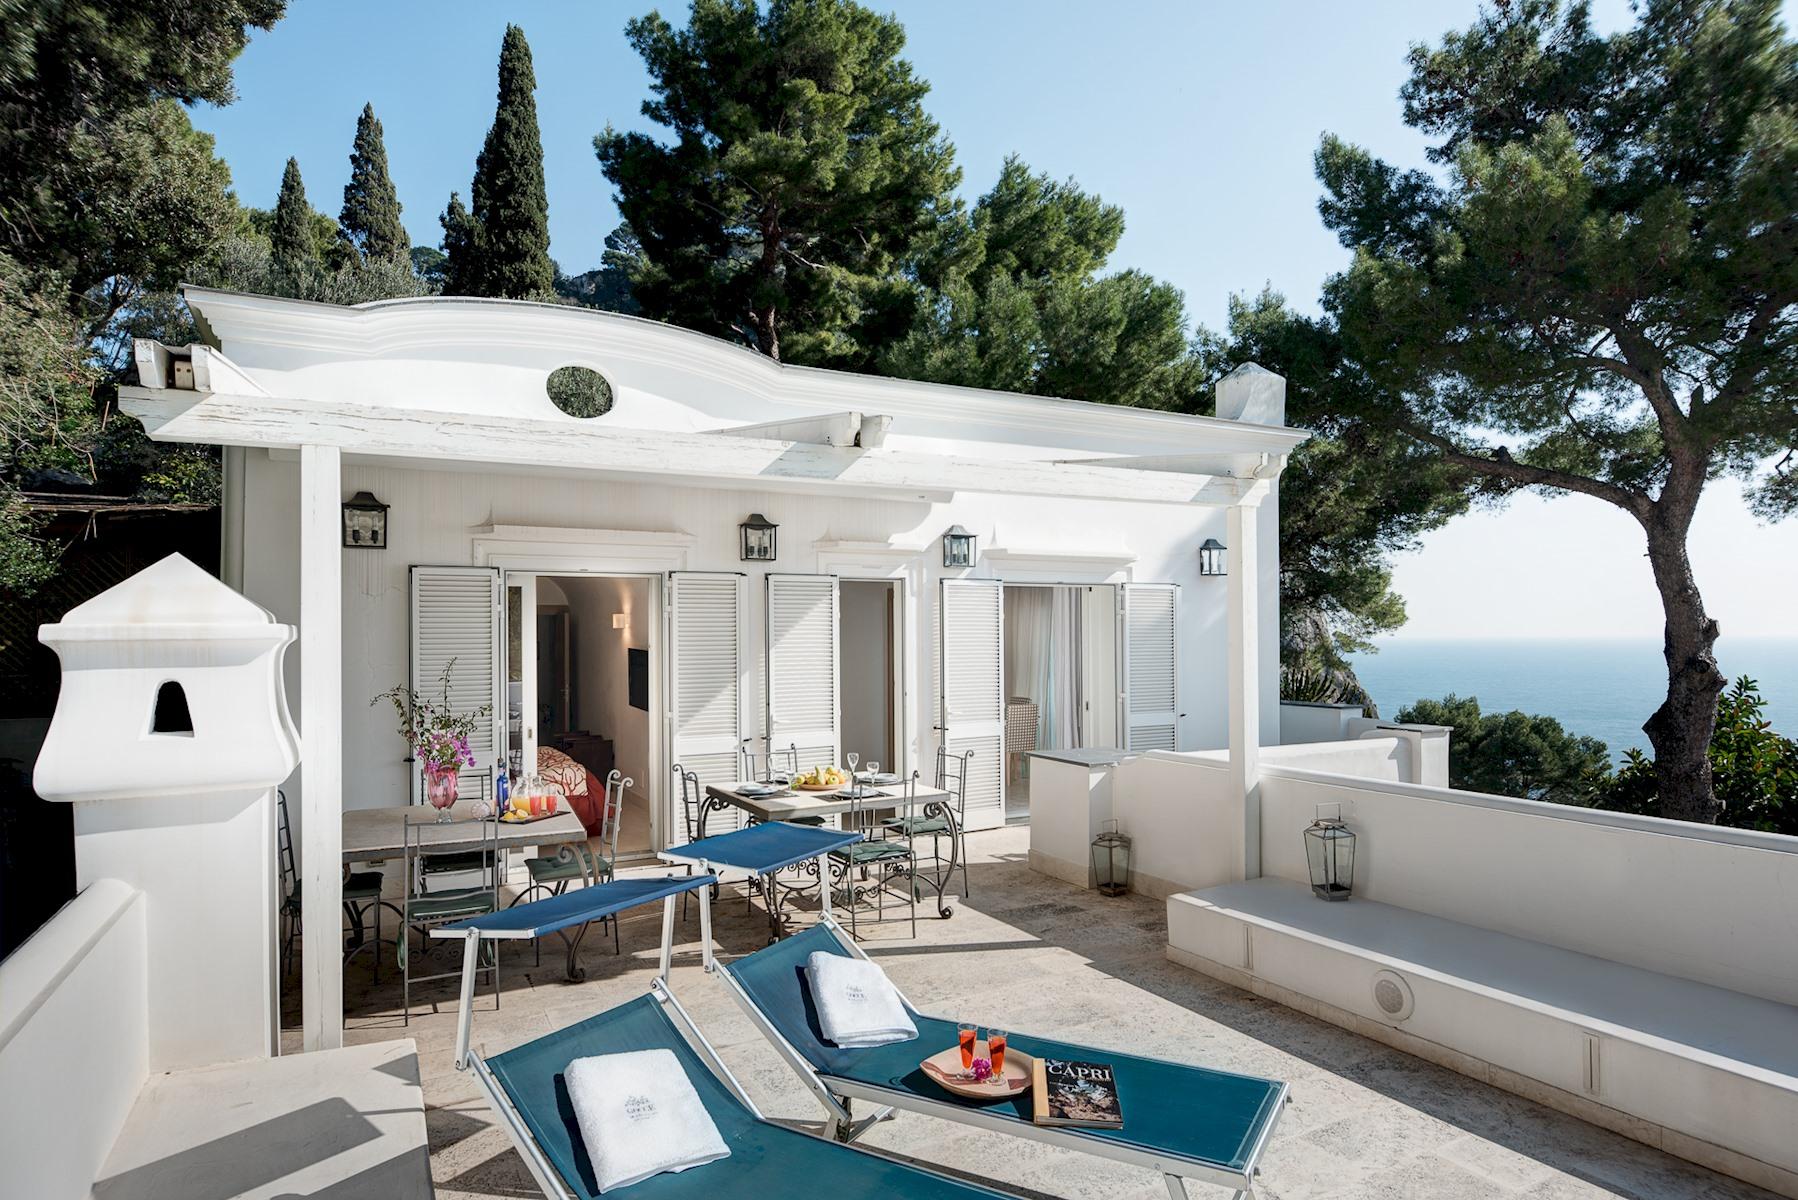 Apartment Villa Bougainvillea - Luxury Capri Villa with Views photo 19168840